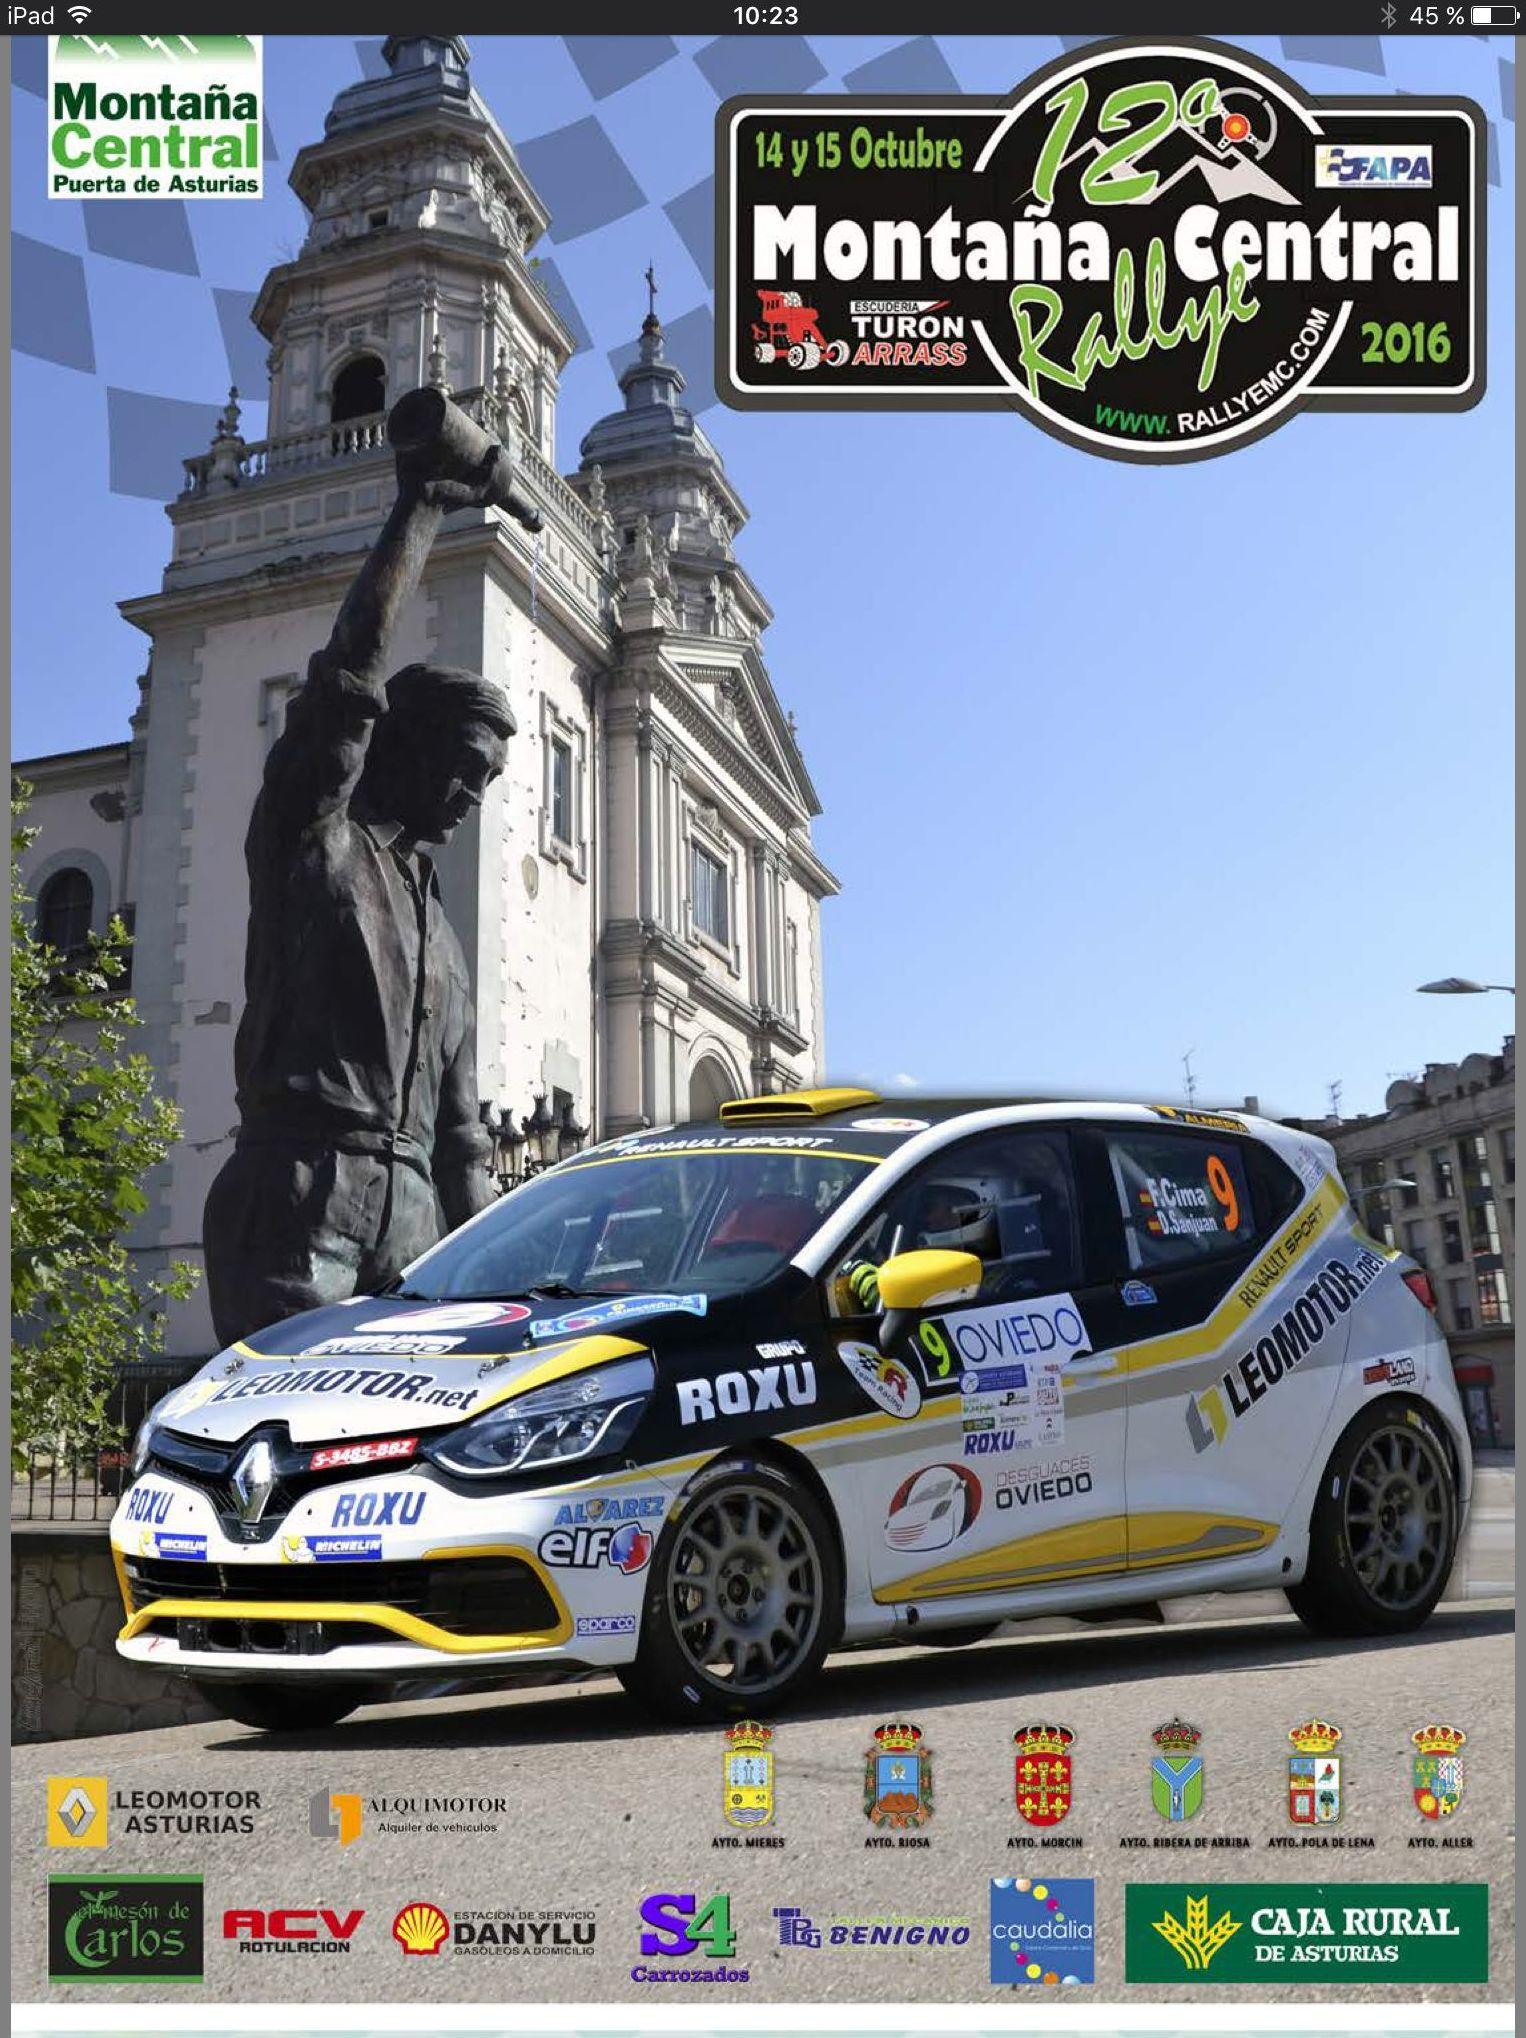 El Rally Montaña Central de Asturias  2016 cuenta con la participación de un vehículo adaptado por Cabal Automoción  Jonathan Francos Ares participa hoy en el Rally Montaña Central con un Peugeot 106 adaptado por Cabal Automoción